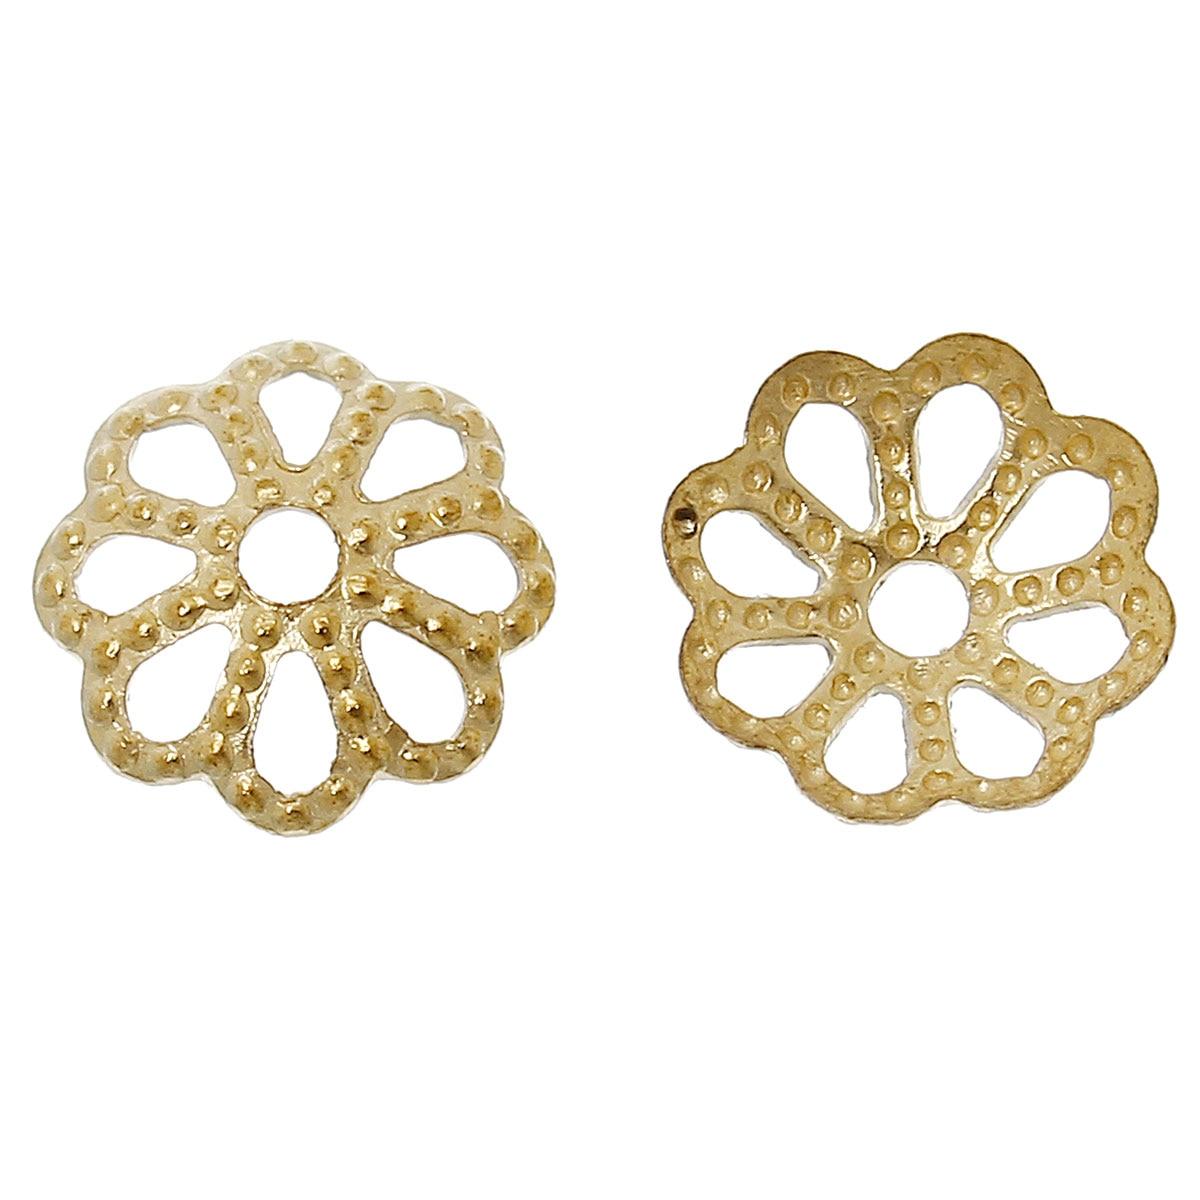 DoreenBeads Brass Beads Caps Flower Brass Tone (Fits 8mm Beads) 6mm( 2/8) x 6mm( 2/8), 44 Pieces 2017 newDoreenBeads Brass Beads Caps Flower Brass Tone (Fits 8mm Beads) 6mm( 2/8) x 6mm( 2/8), 44 Pieces 2017 new